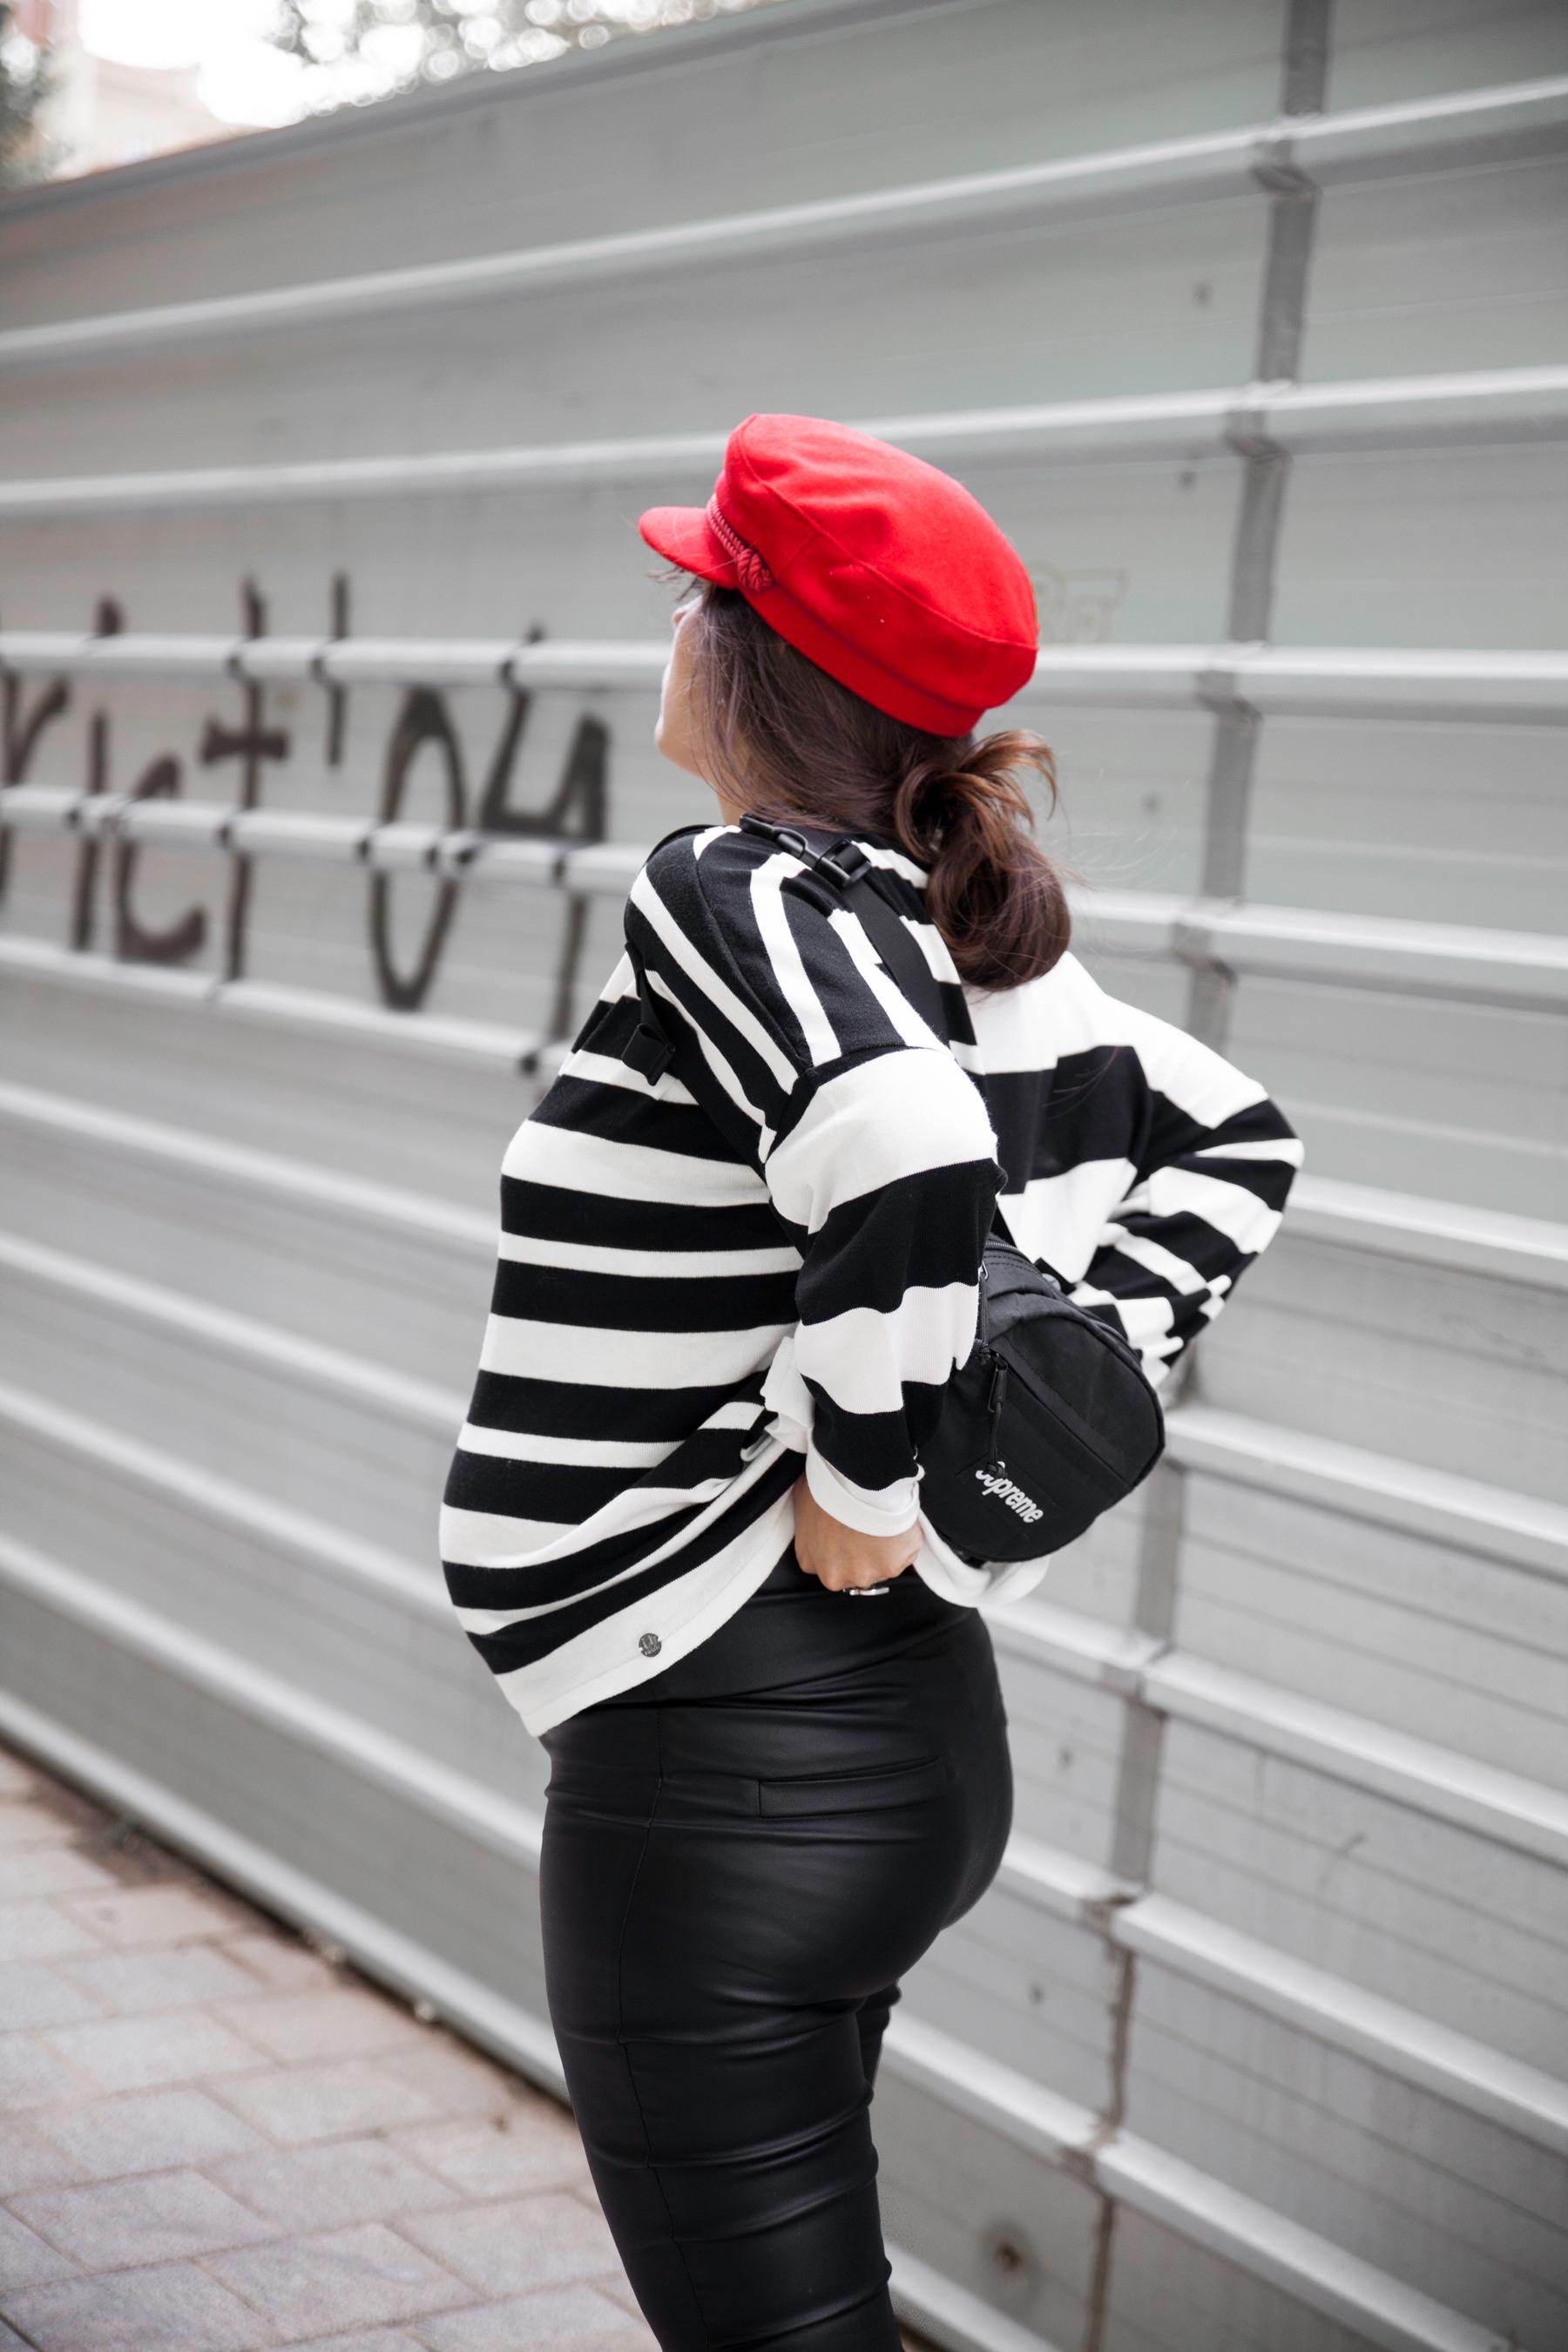 a2ec82055972 Cómo combinar un jersey blanco y negro a rayas embarazada.